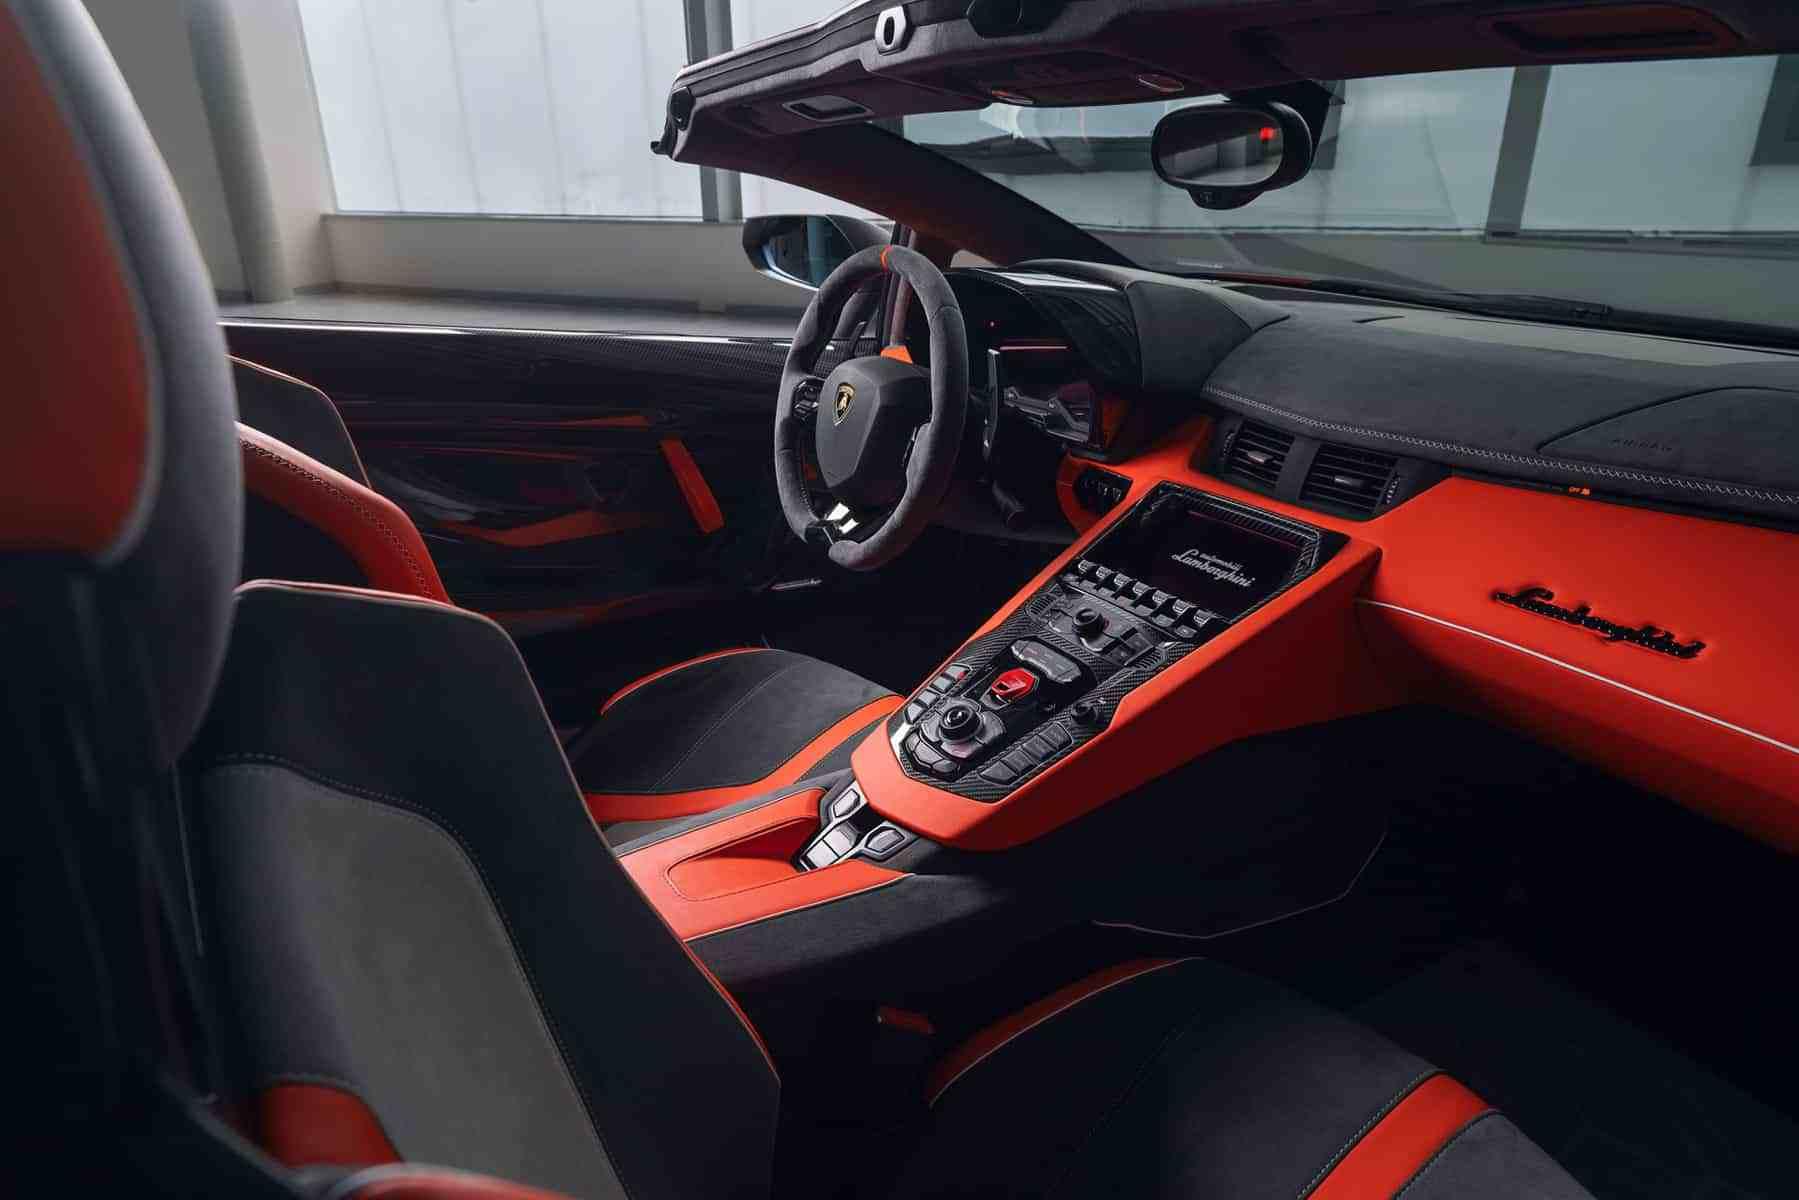 限量63台的兰博基尼,再次用性能征服世界,国内售价高达755万